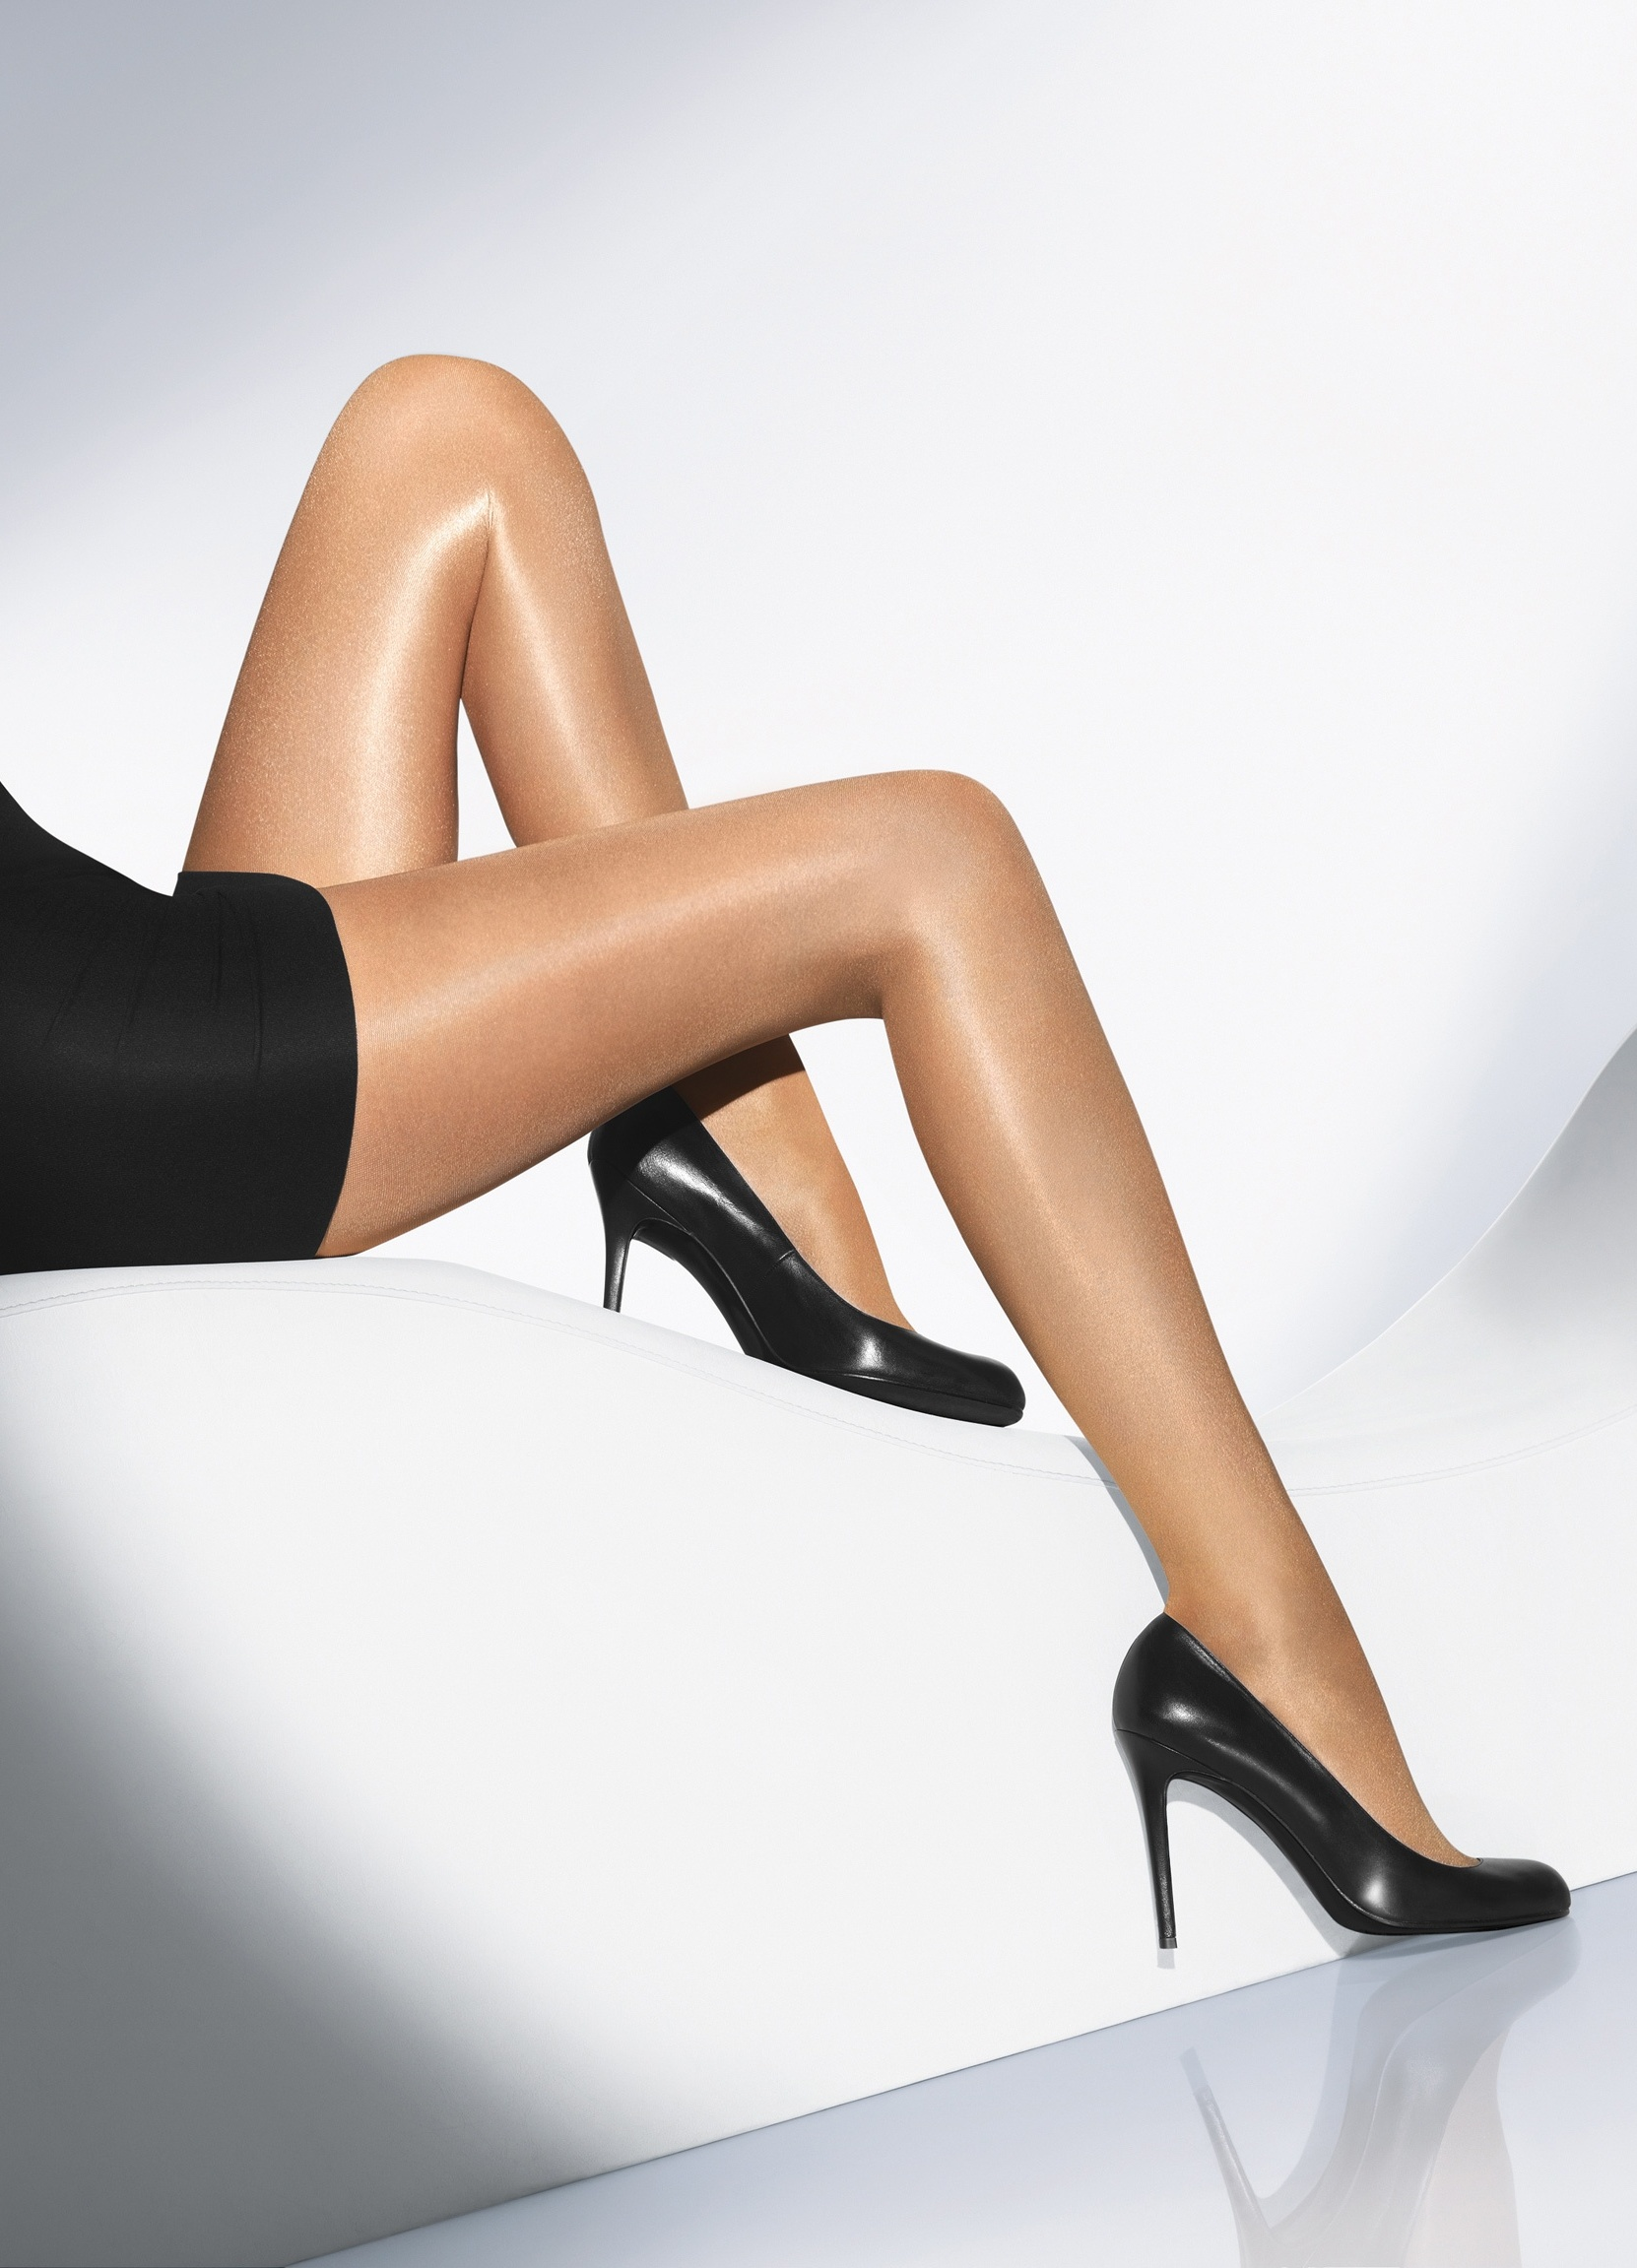 Смотреть онлайн широкие женские пояса из шелка к чулкам из капрона с колготкам капрон 12 фотография